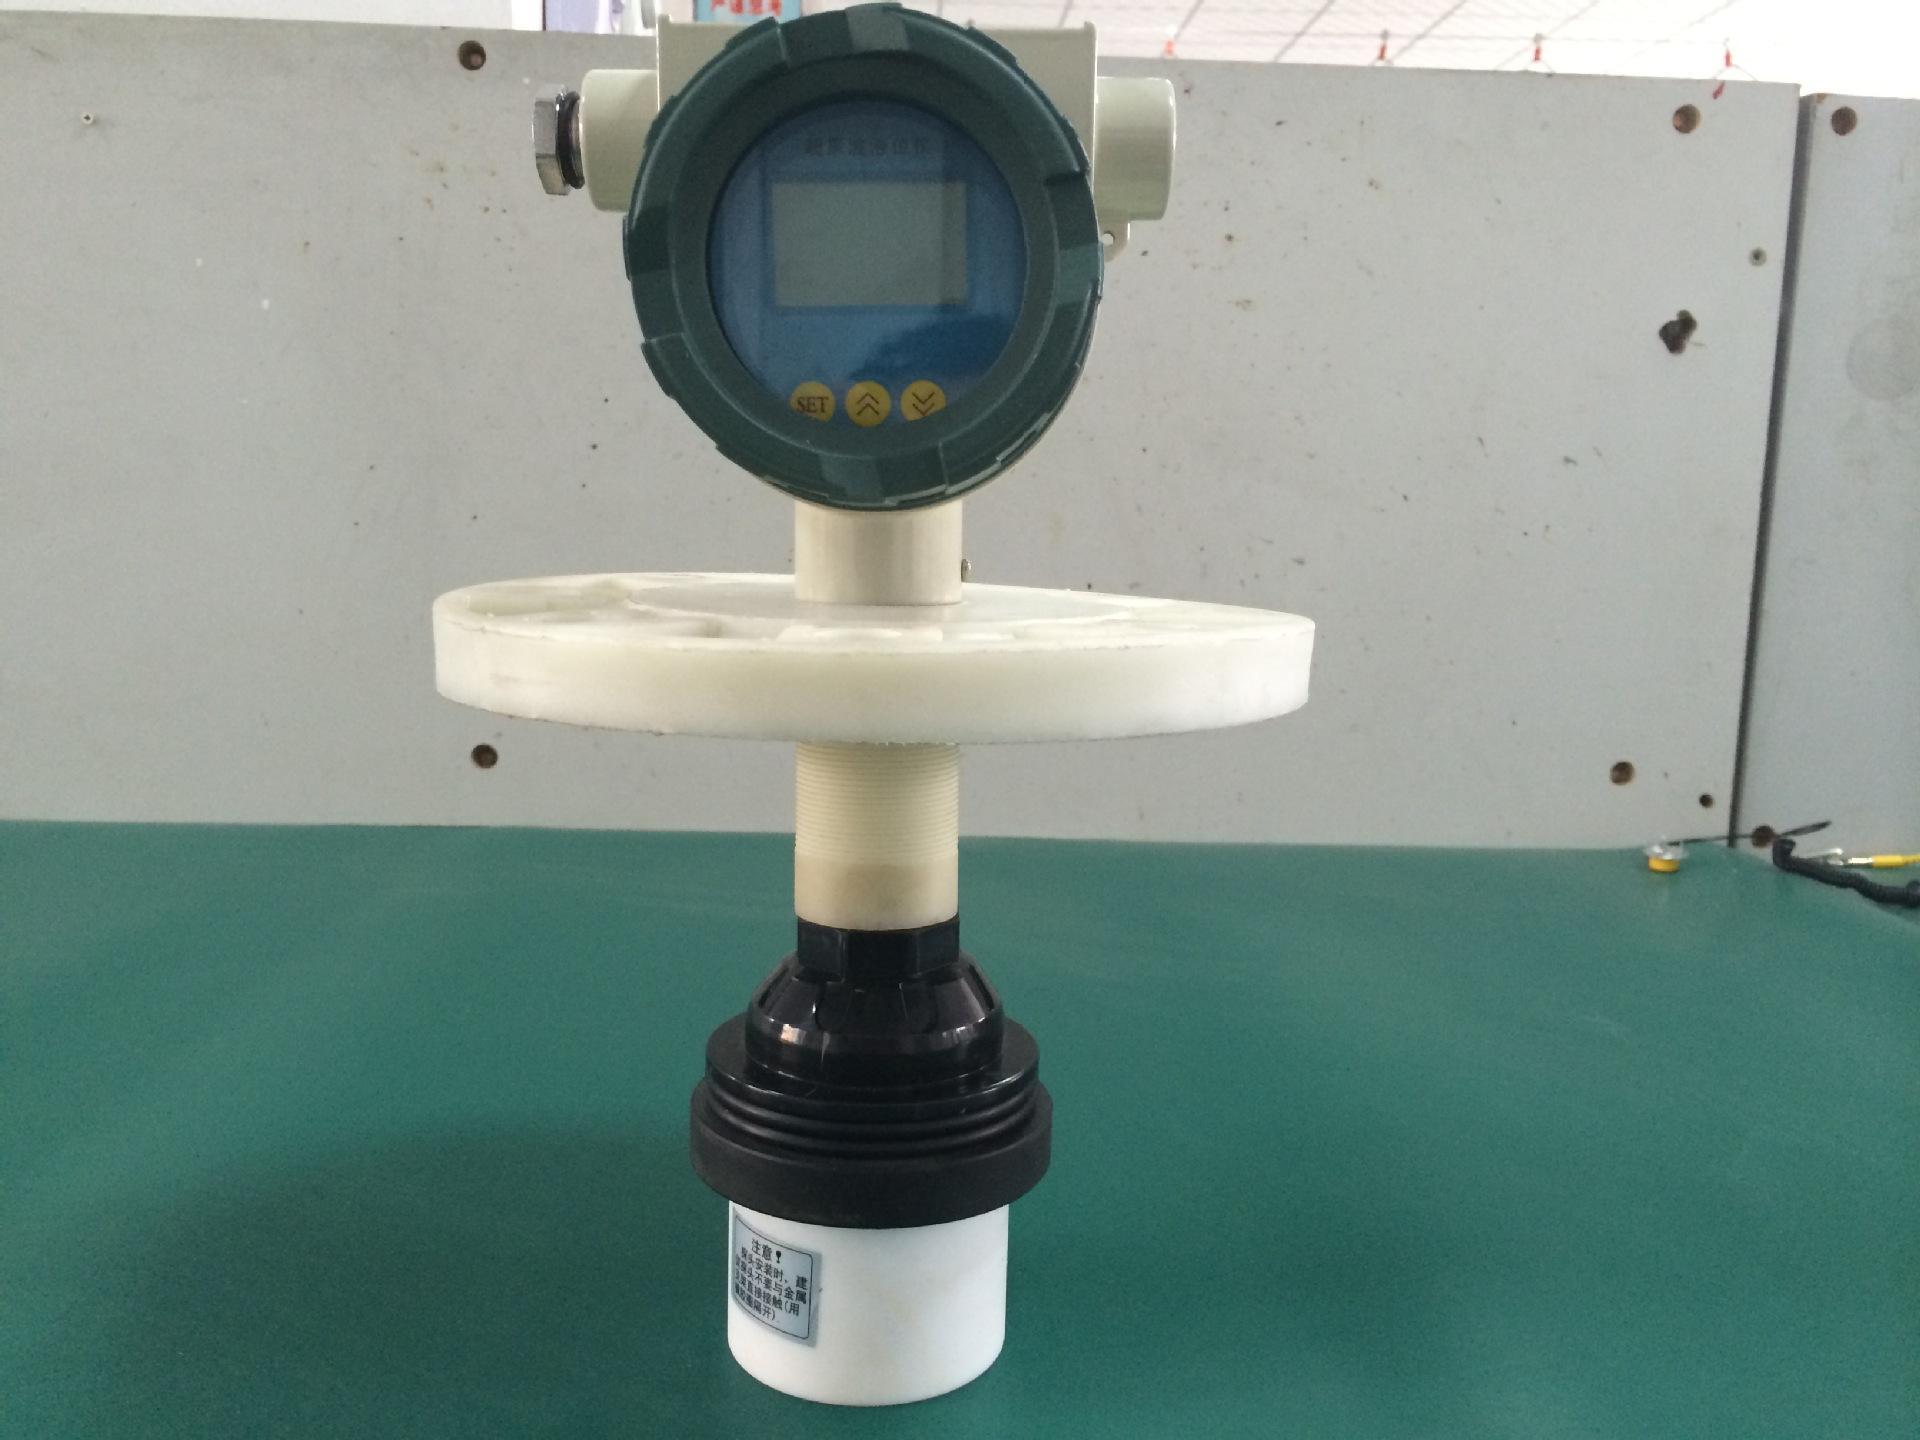 防爆型超声波液位计如何选择,防爆型超声波液位计选型方法